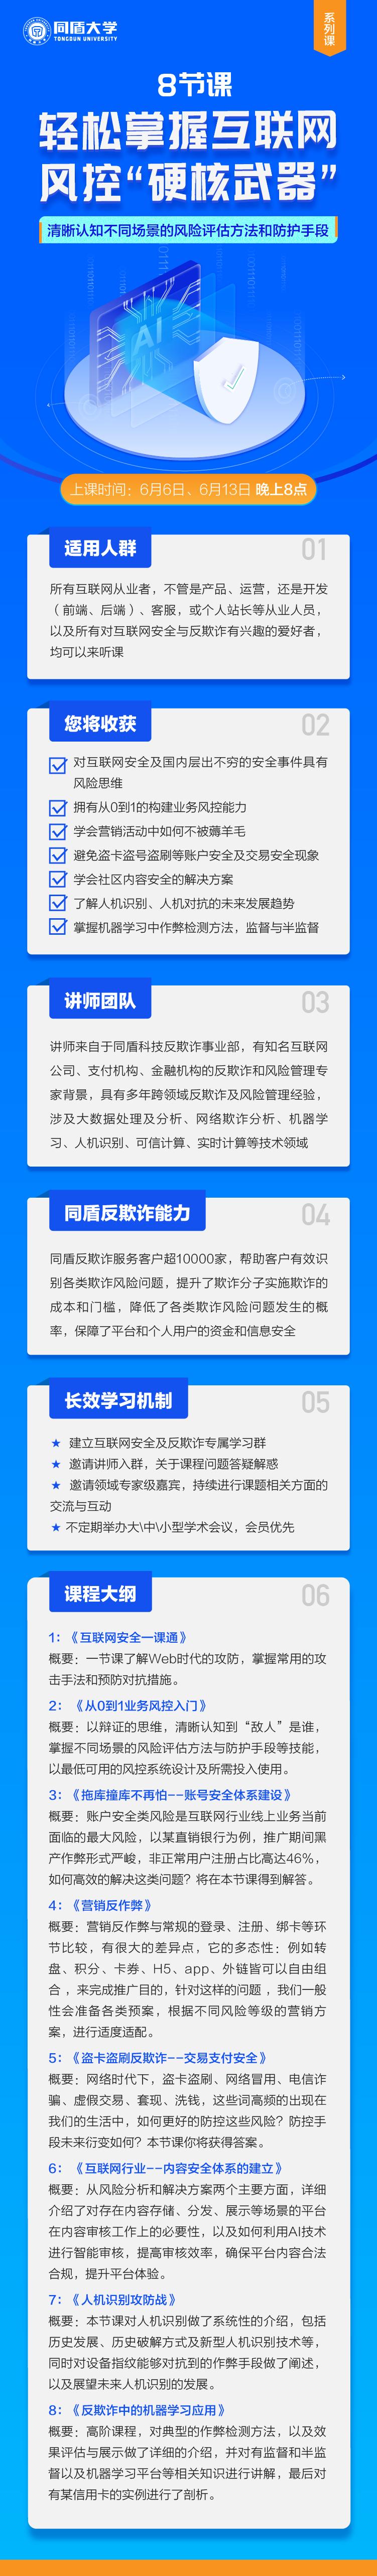 同盾大学-反欺诈课程推广(4)_课程推广长图.png